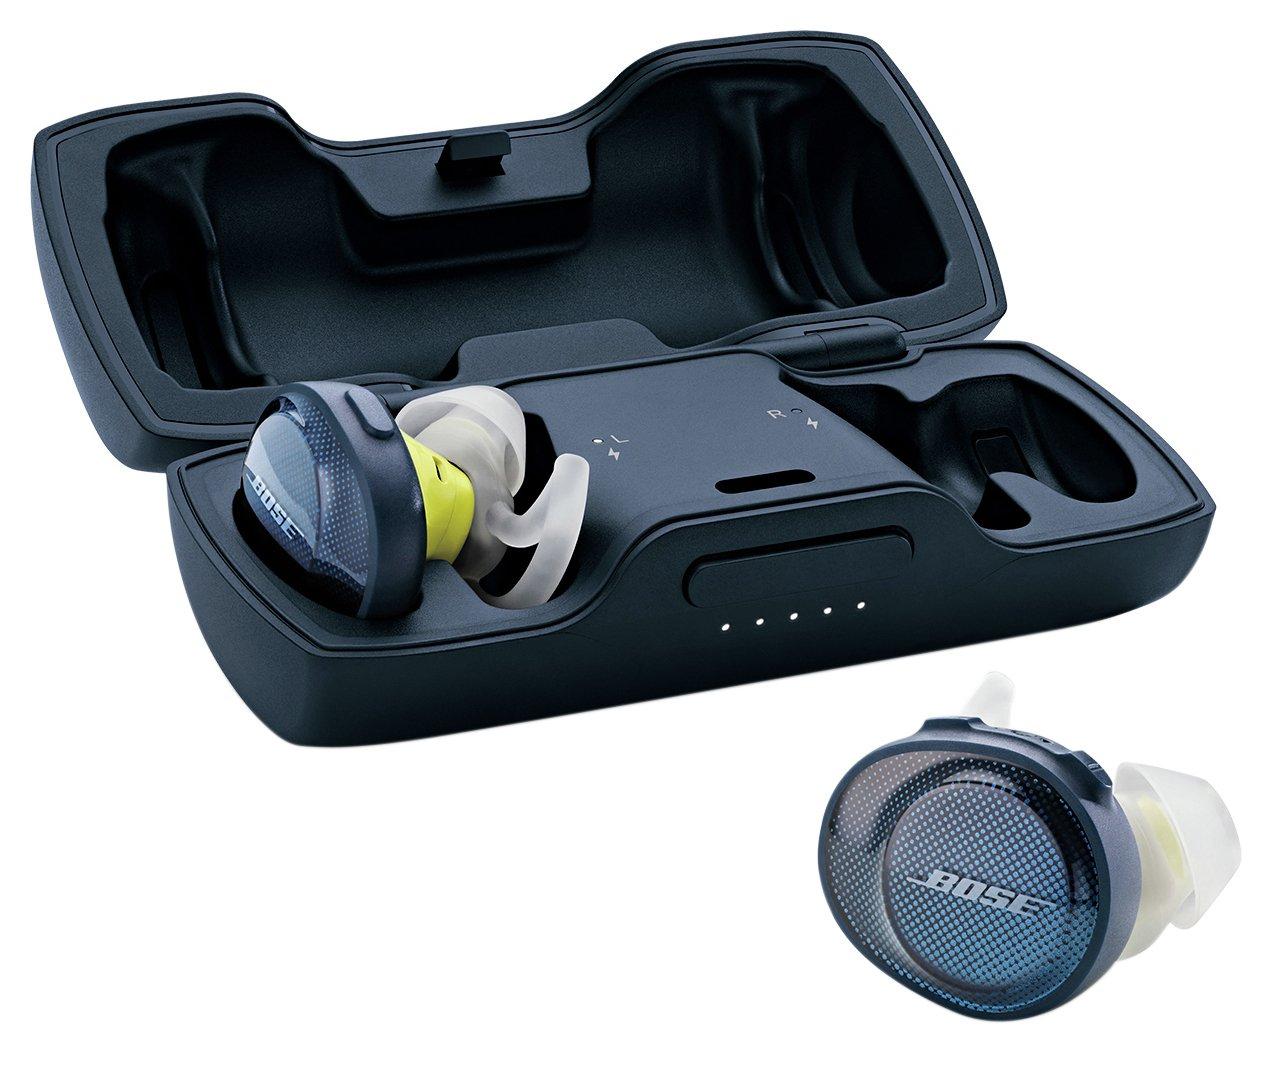 Bose SoundSport Free Wireless In-Ear Headphones - Blue